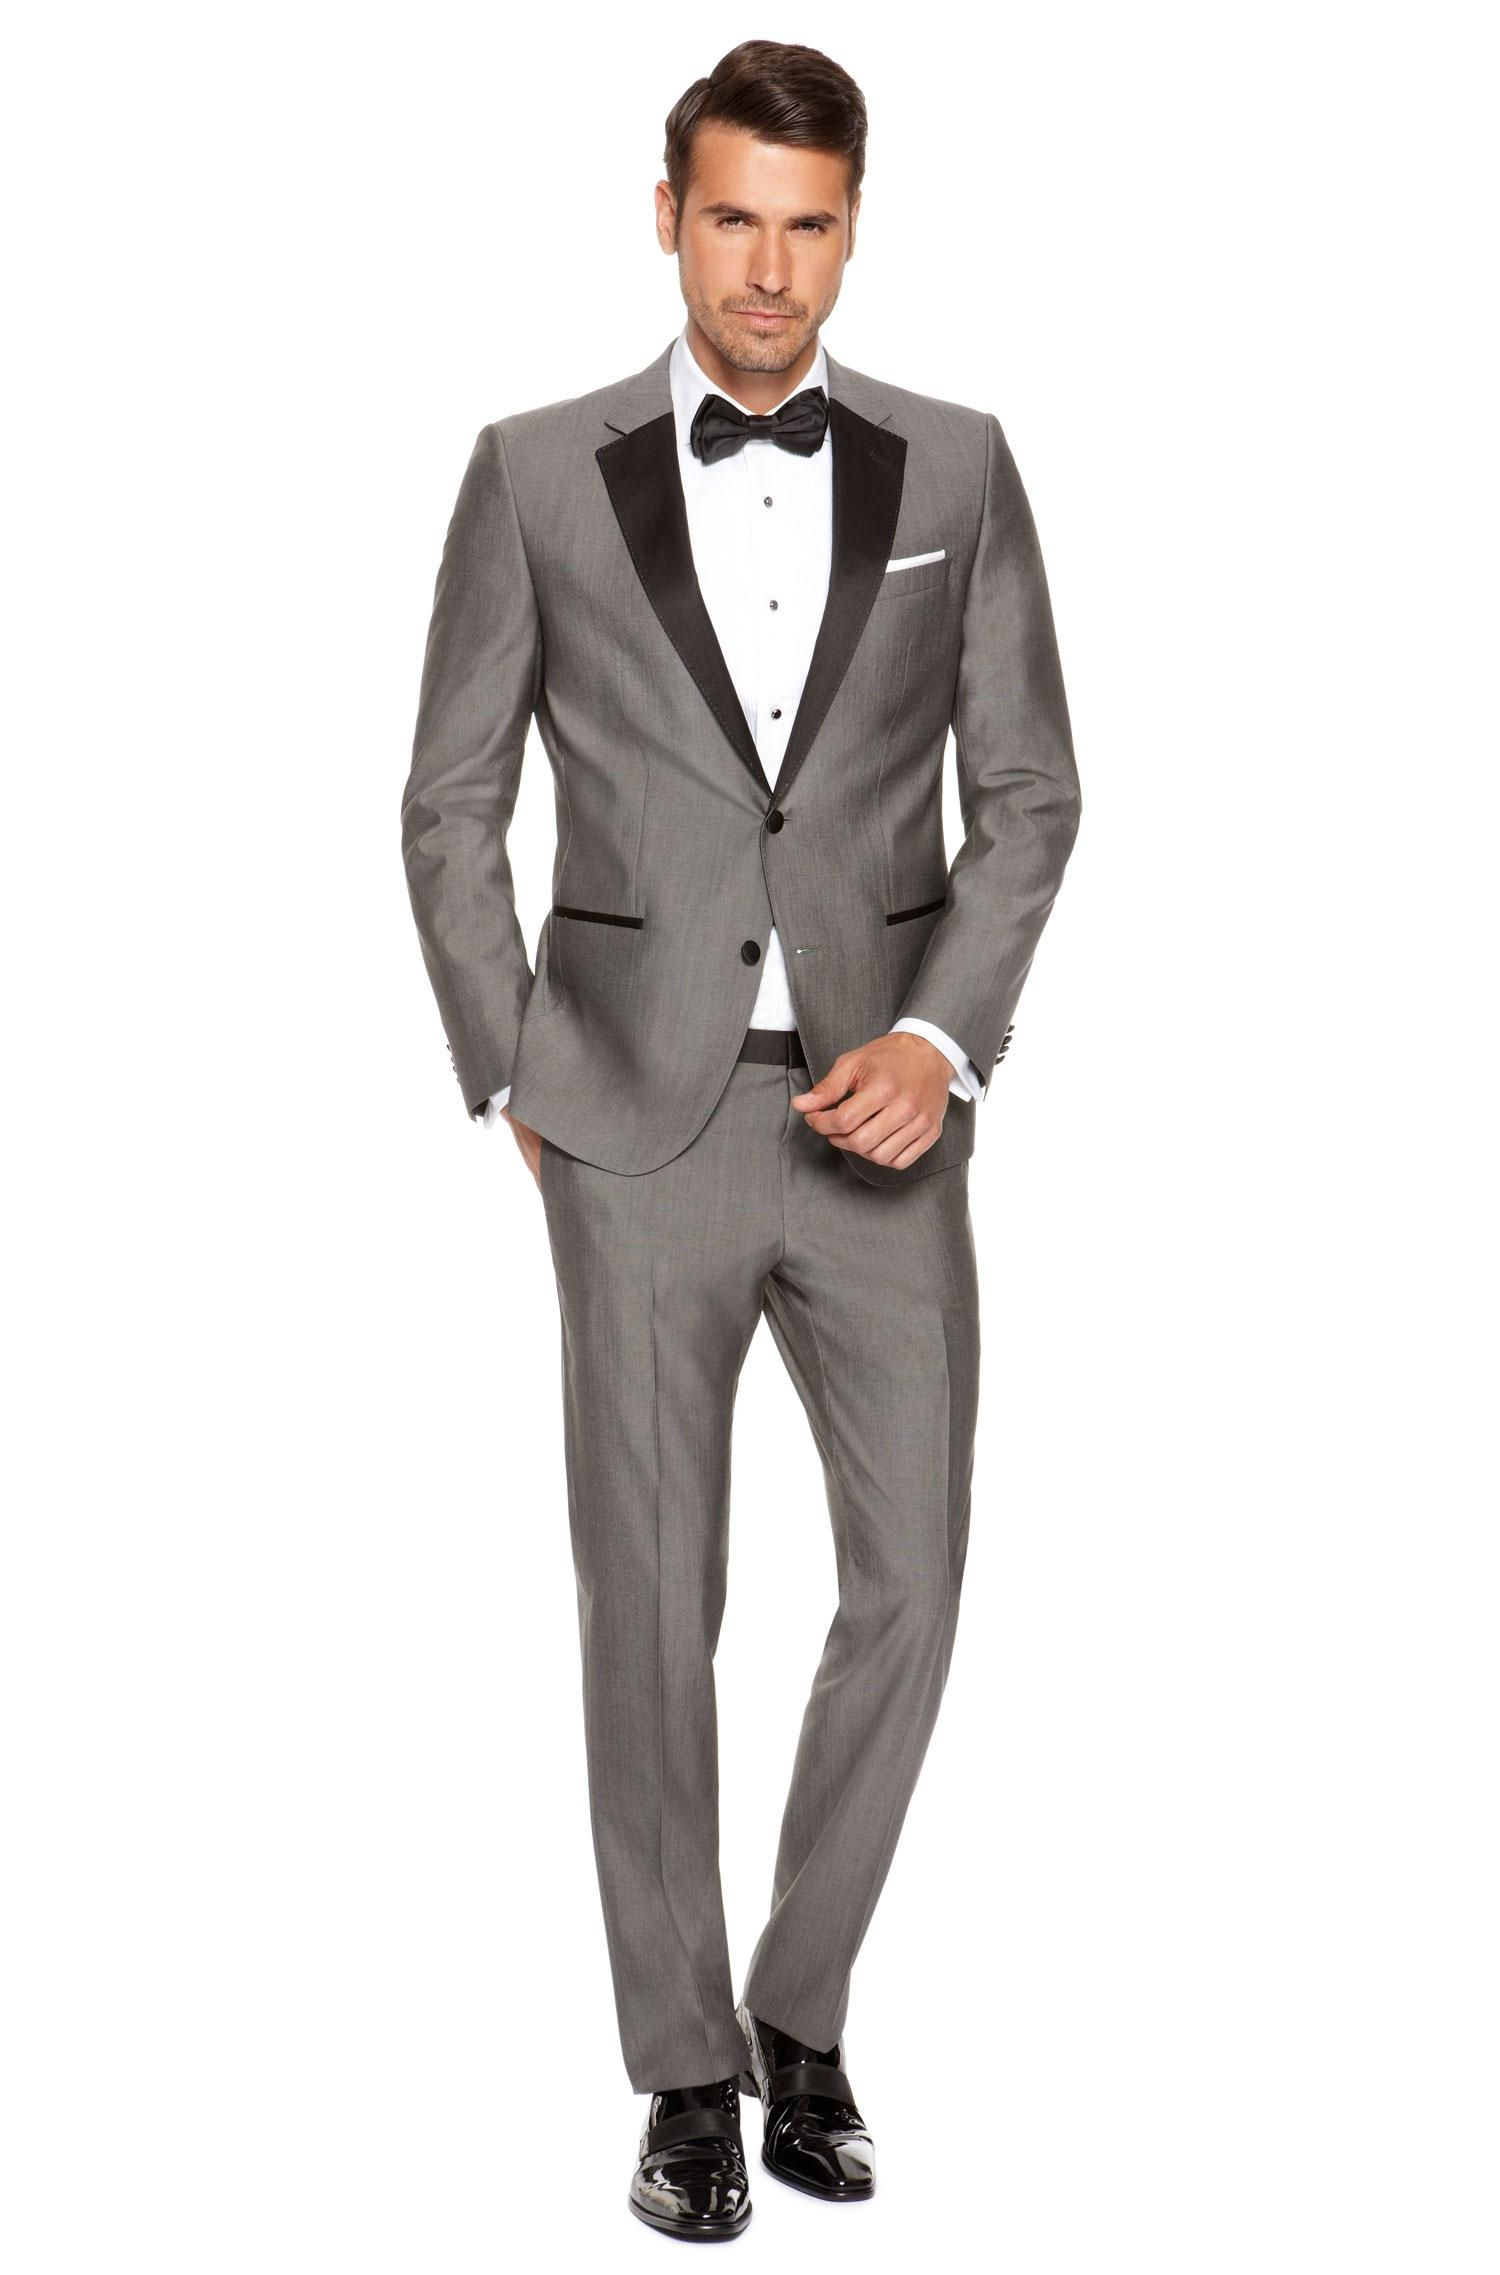 94a797b62d63c trajes hombre baranos